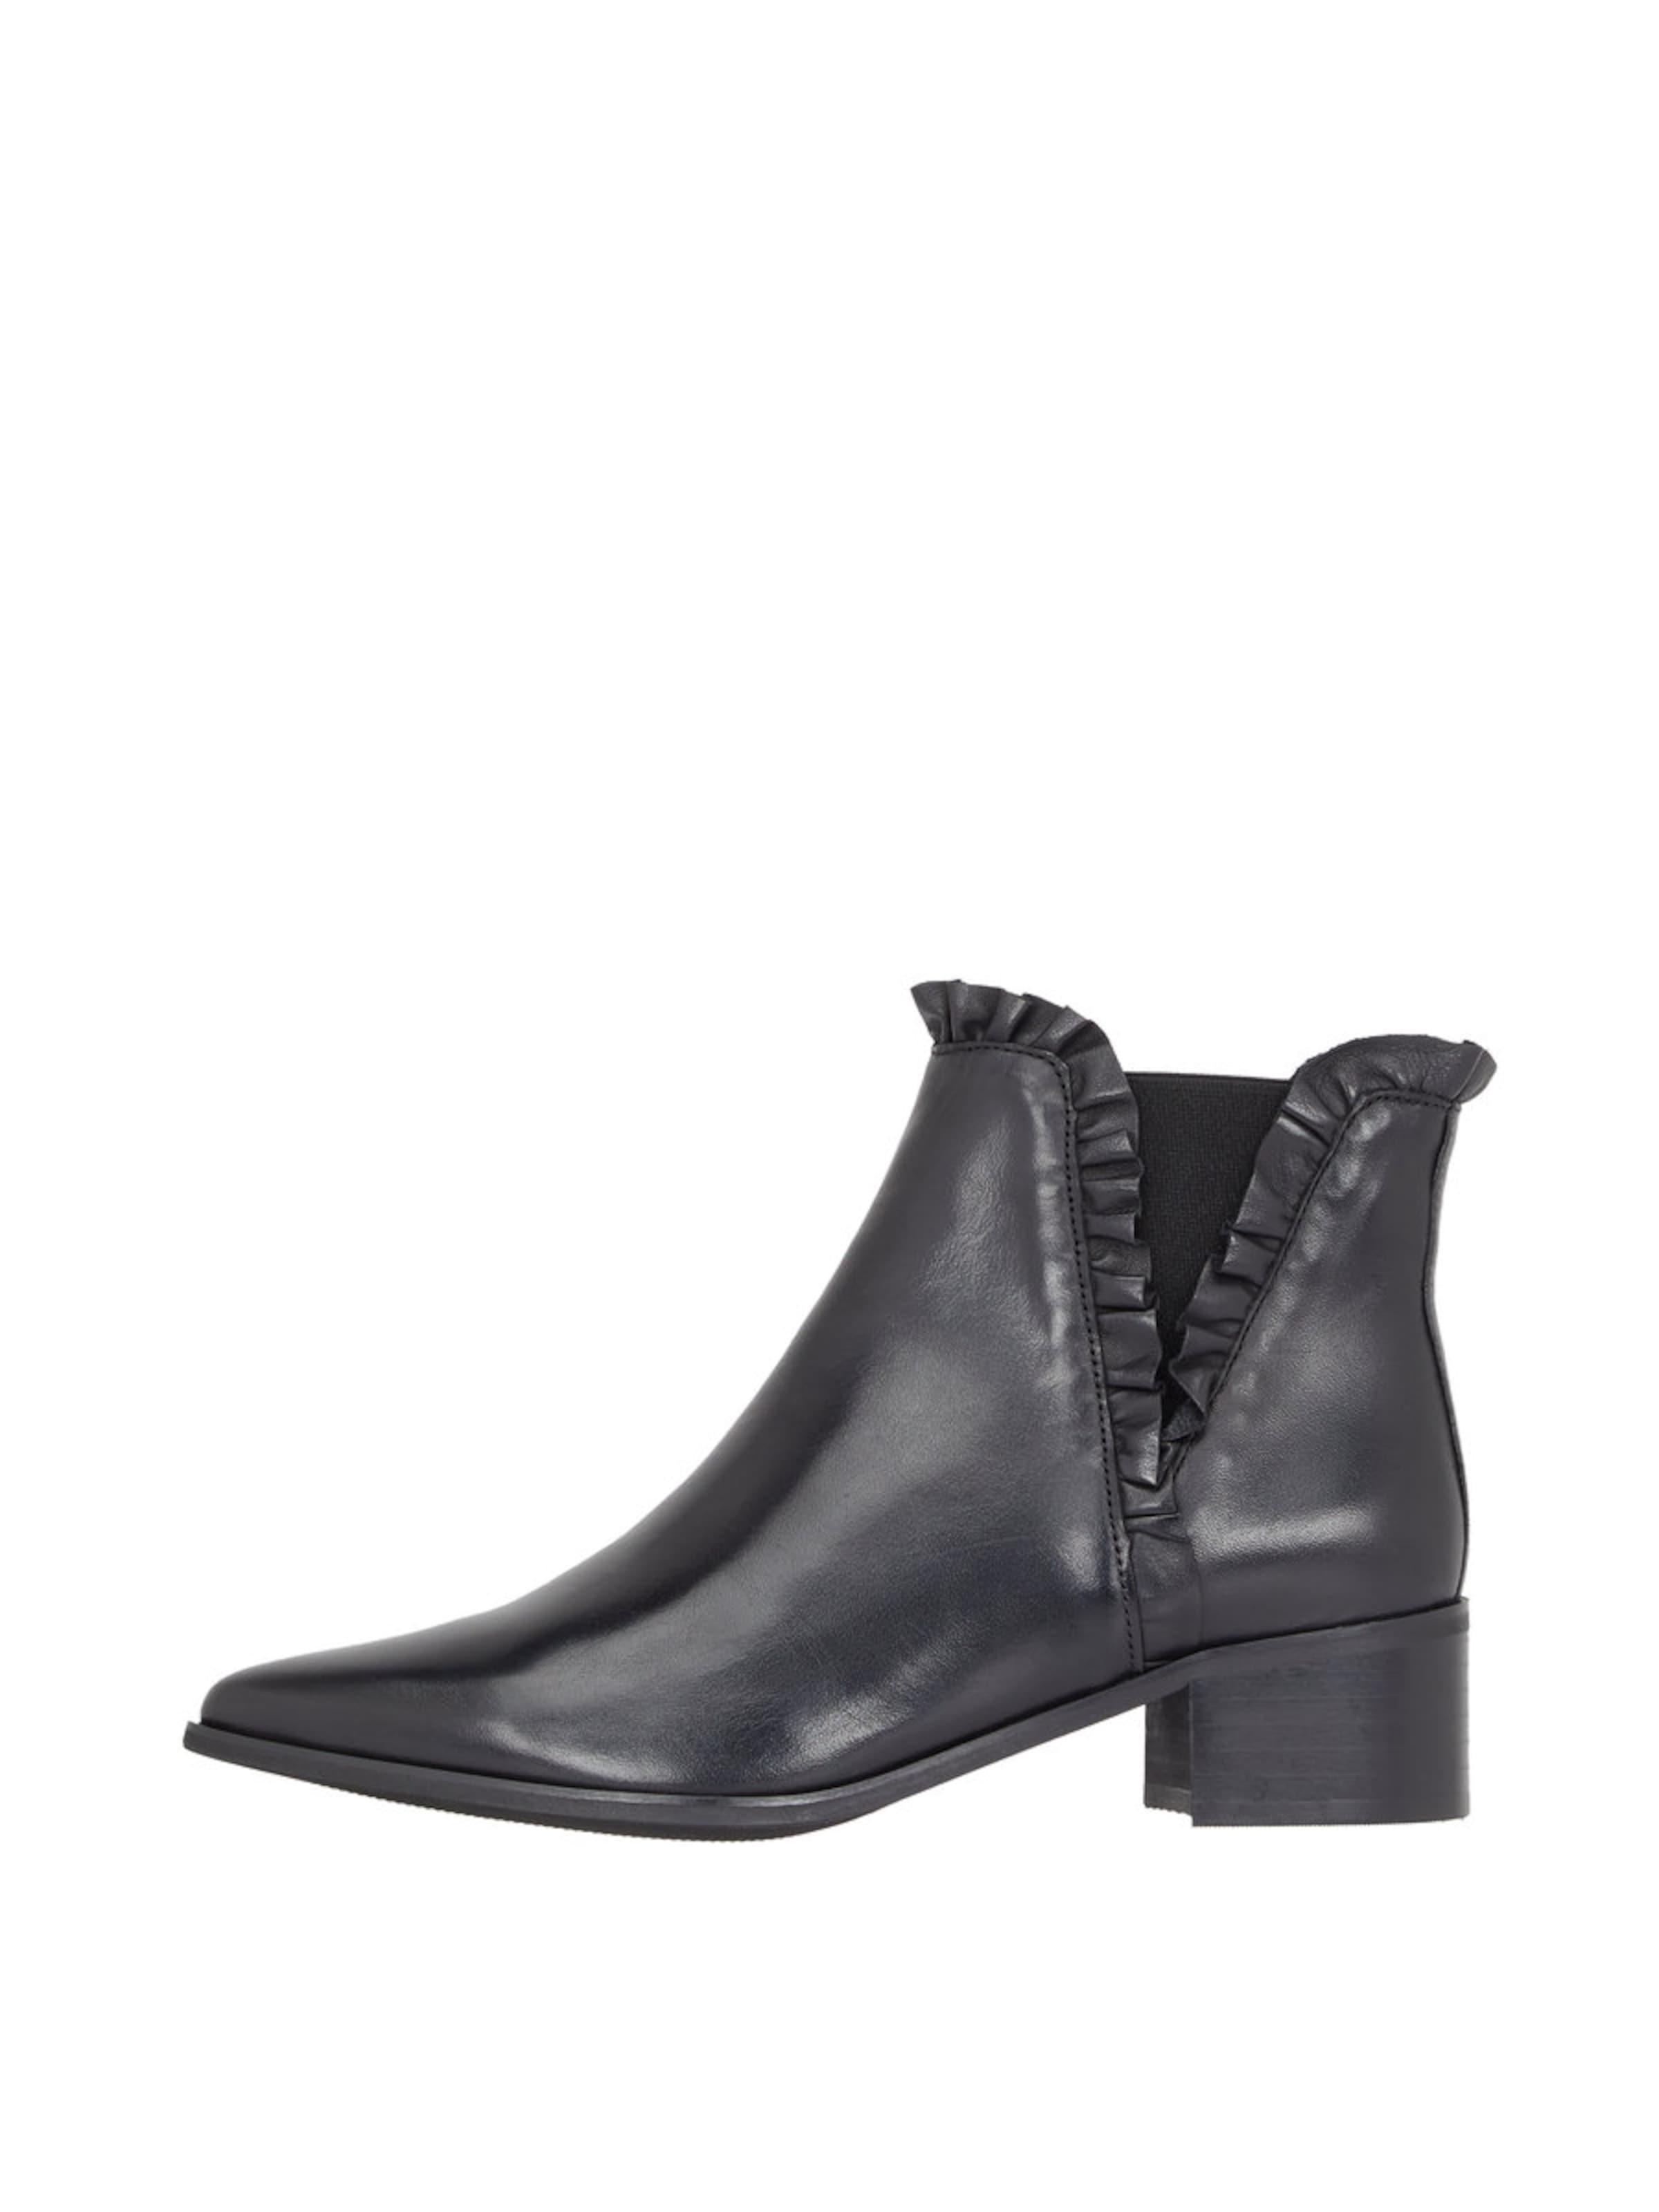 Bianco Stiefel Rüschenleder Verschleißfeste billige Schuhe